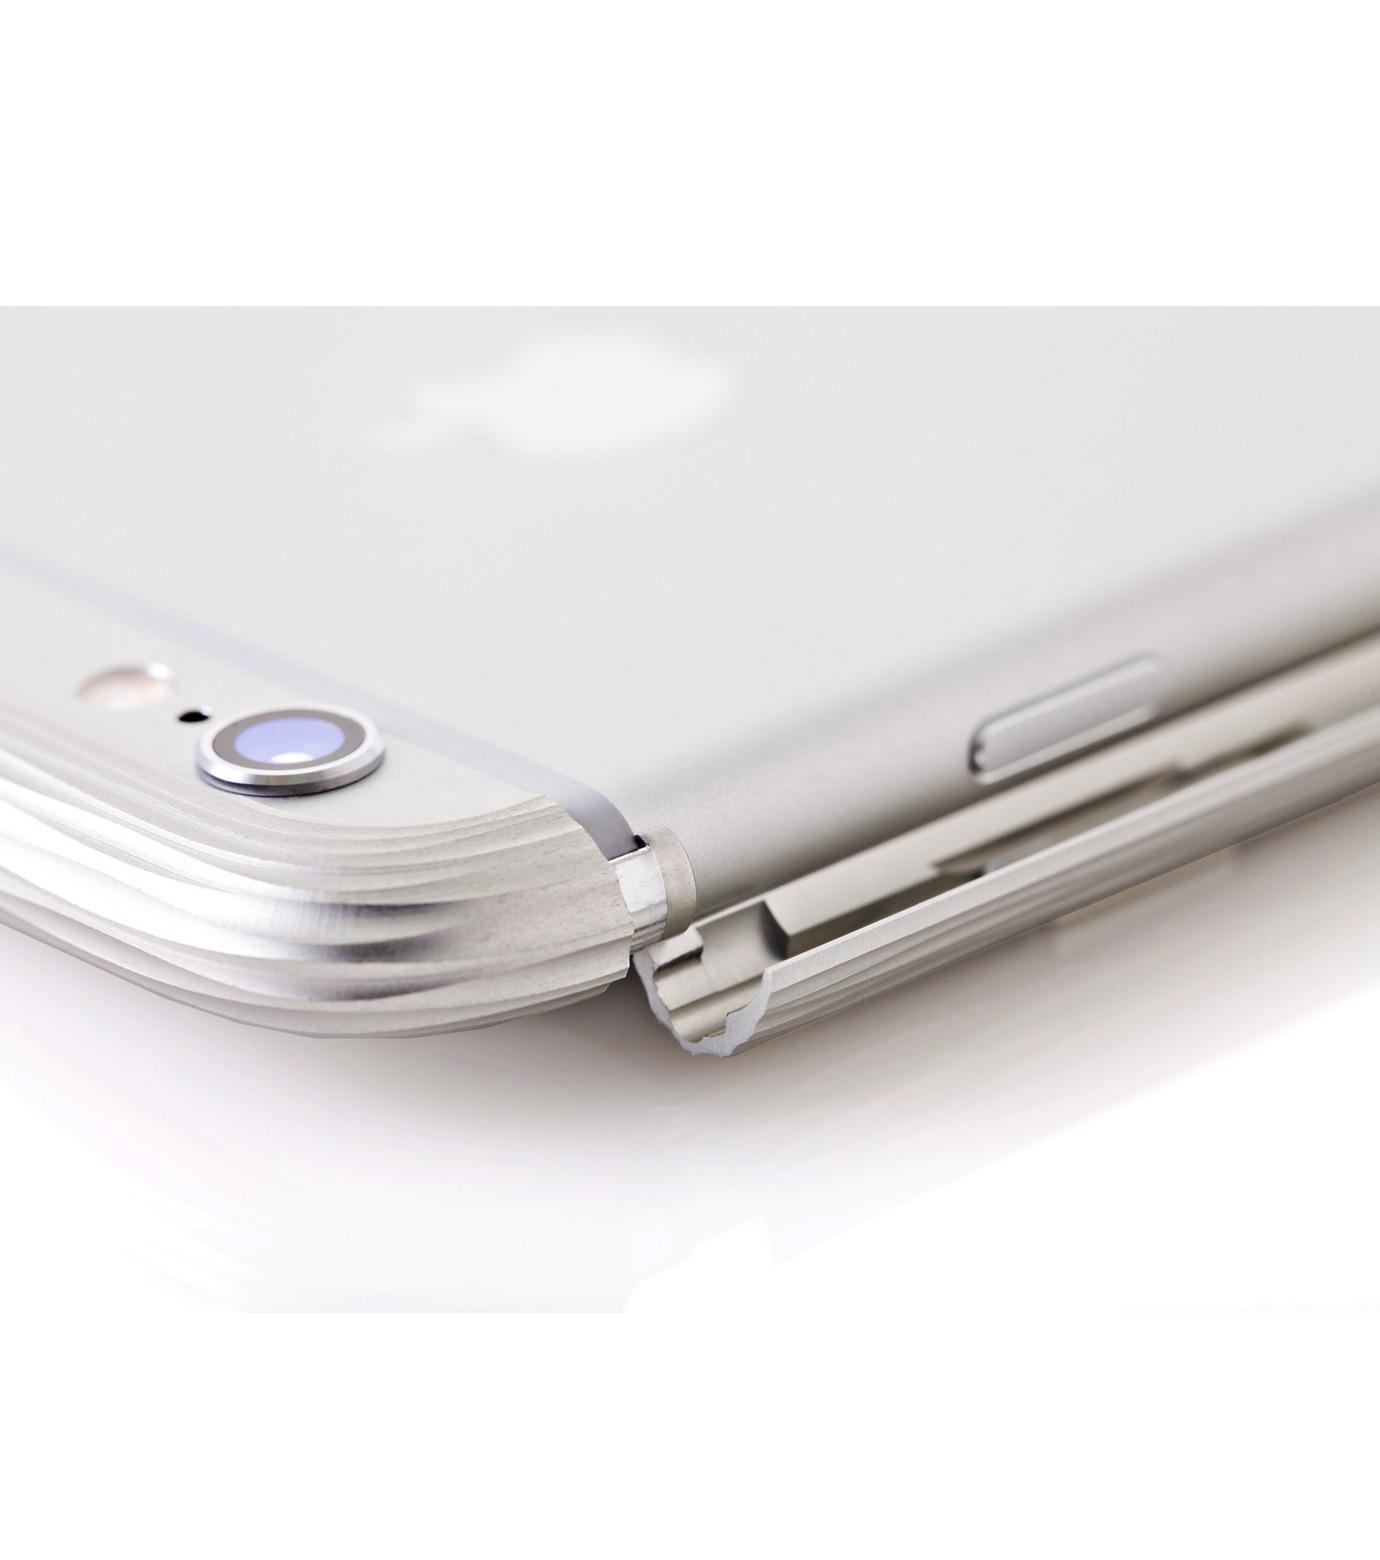 SQUAIR(スクエア)のThe Dimple for iPhone6s plus-BLACK(ケースiphone6plus/6splus/case iphone6plus/6splus)-SQDMP630-BLK-13 拡大詳細画像4